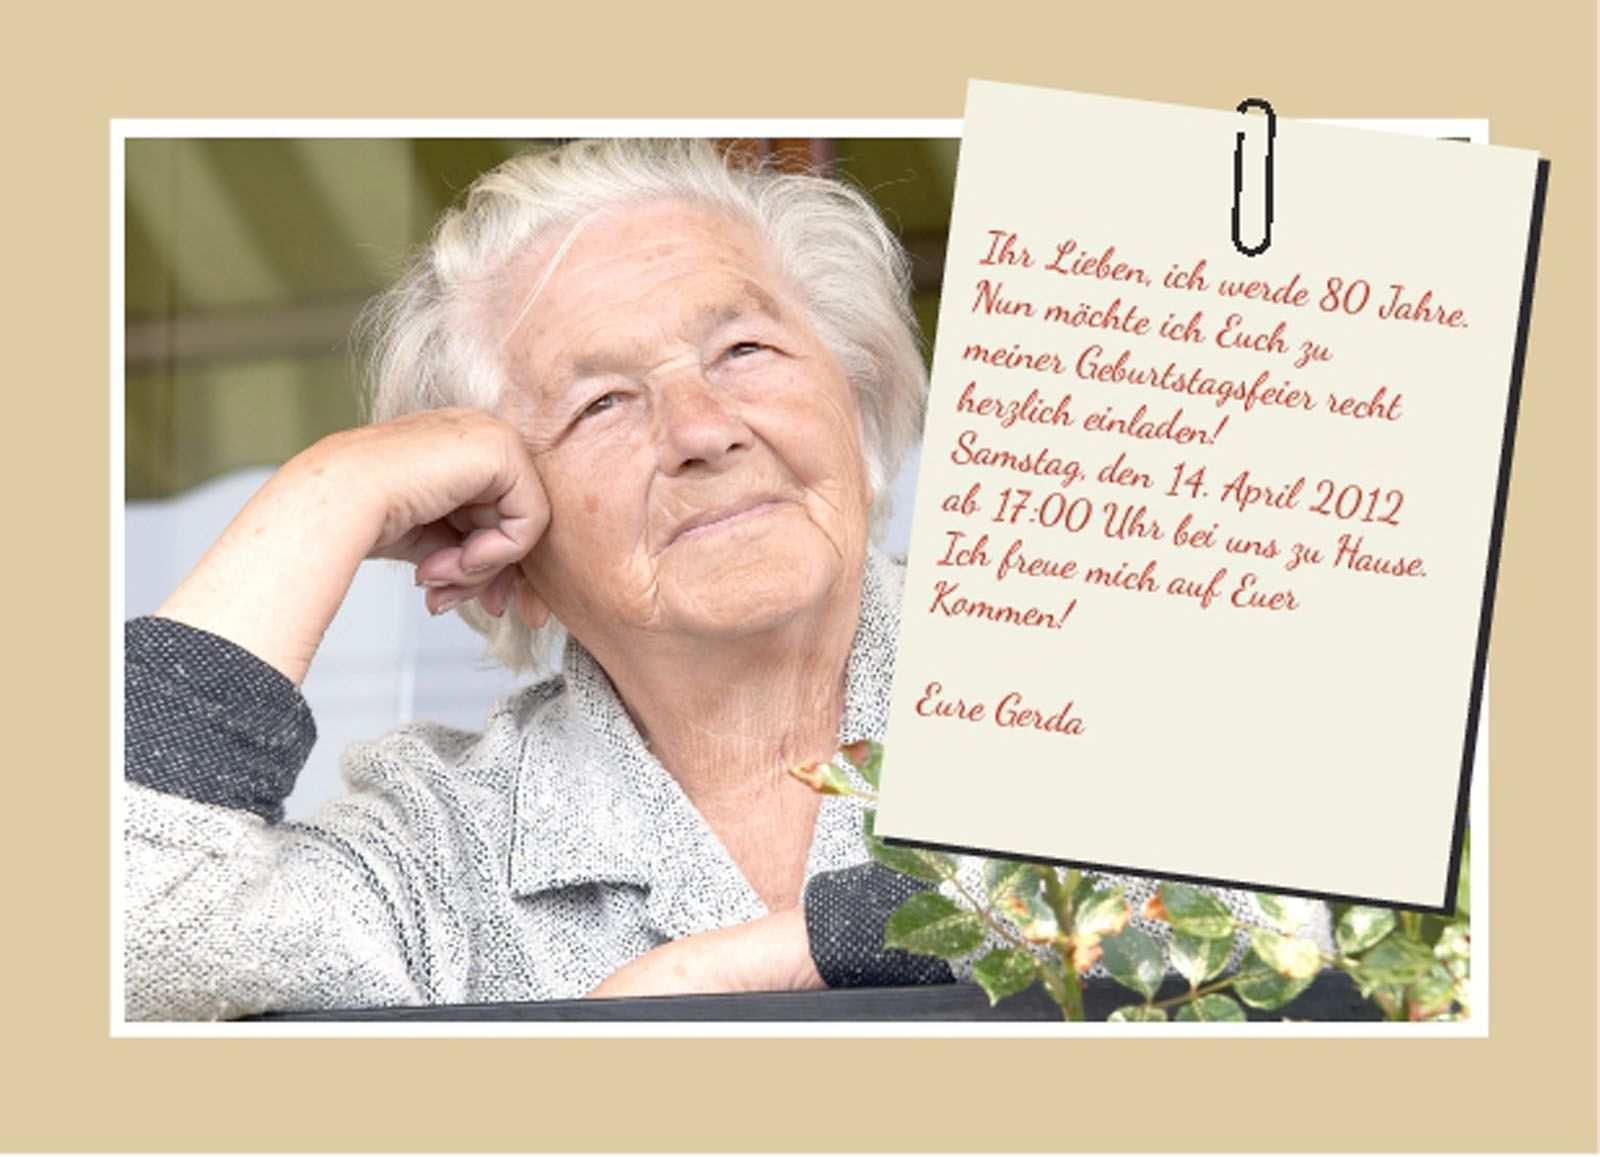 Geburtstag Einladungskarte Einladungskarten Zum 80 Geburtstag Geburtstag Einladungskarte Einladung 80 Geburtstag Einladung Geburtstag 80 Geburtstag